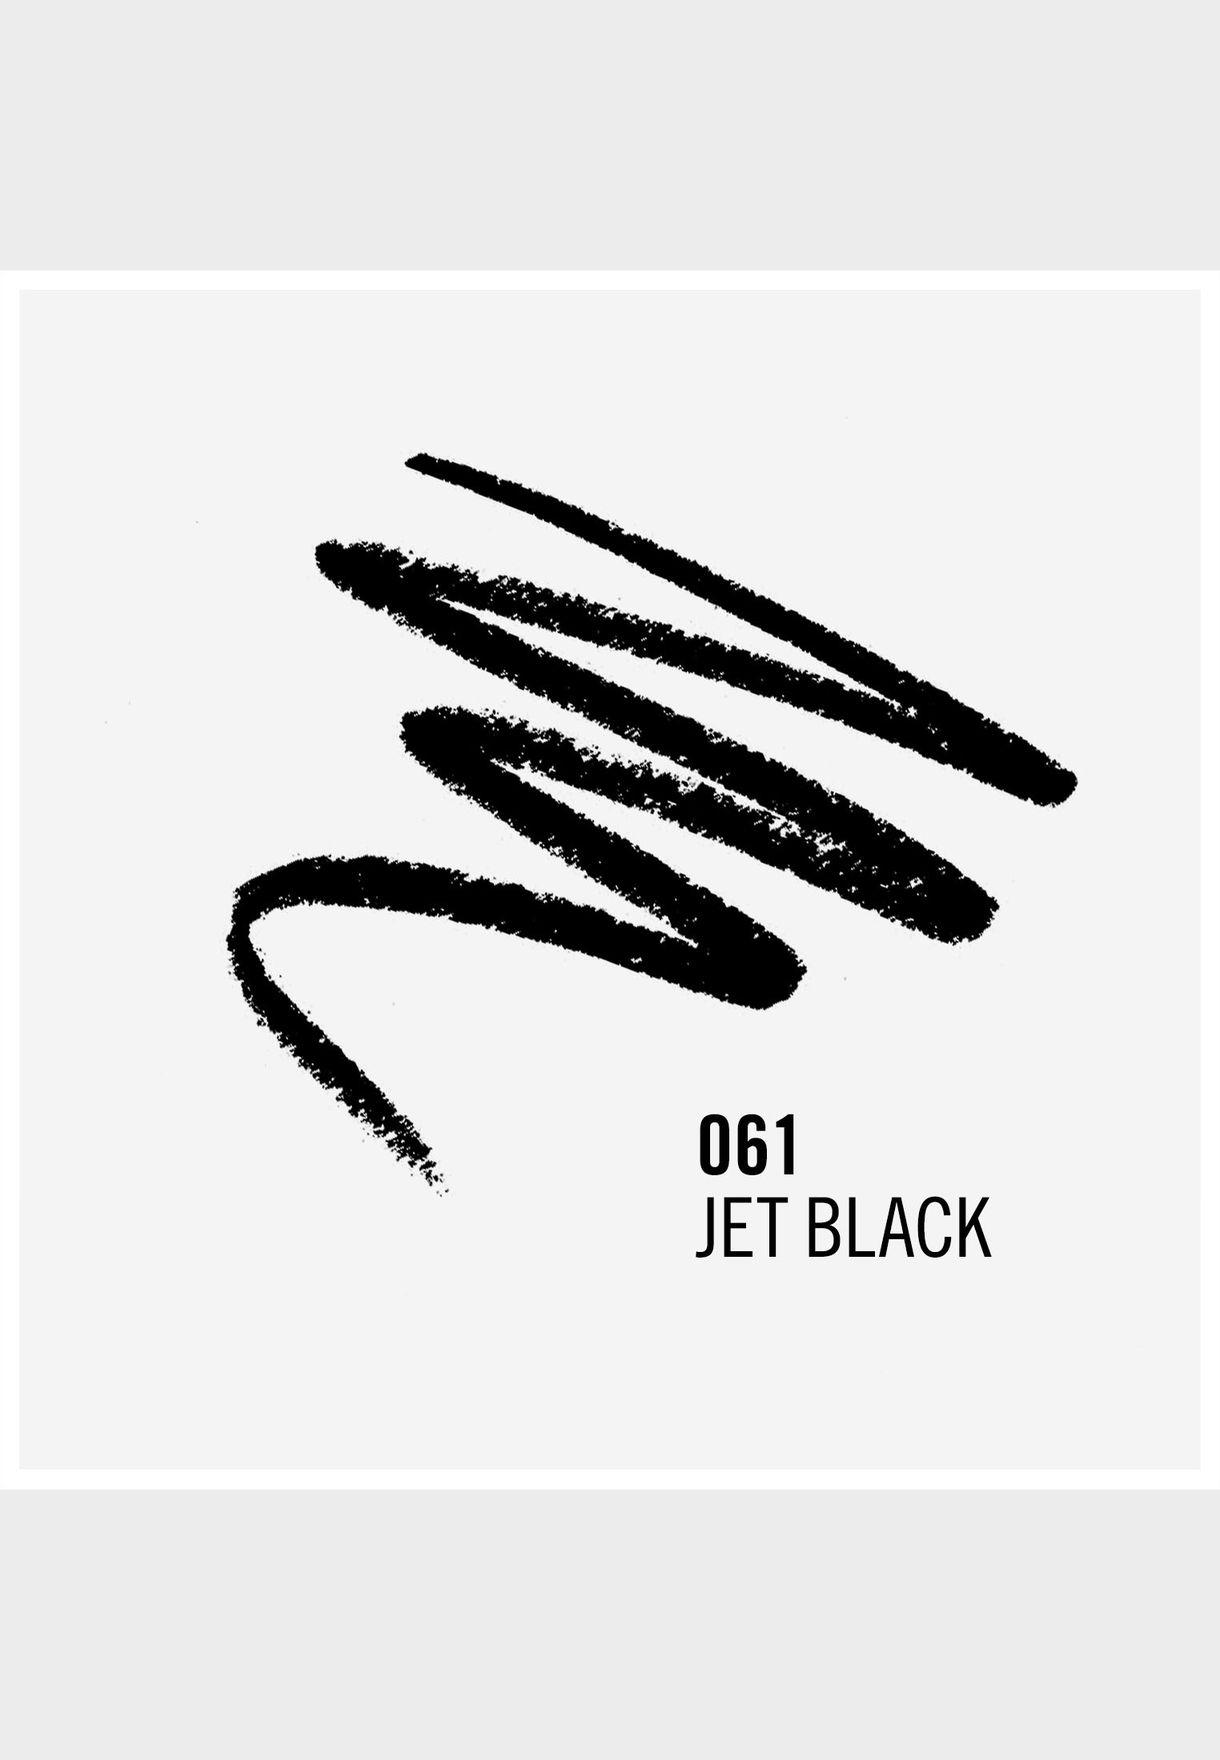 قلم كحل ناعم - 61 جيت بلاك